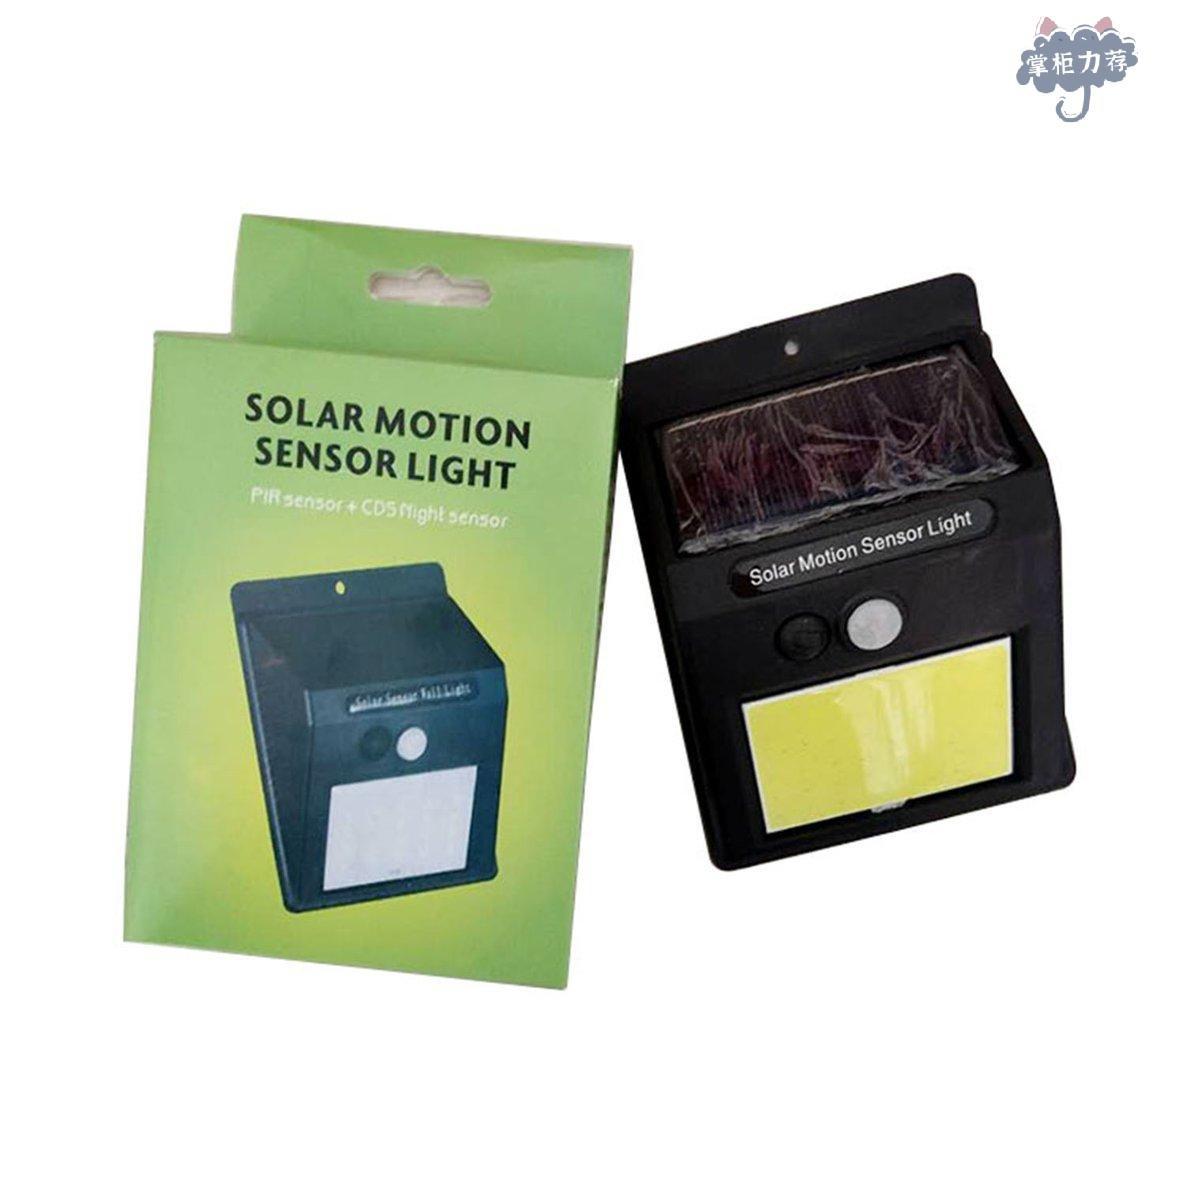 【全館免運】耐用的防水48 LED太陽能PIR運動傳感器花園壁燈燈具新品上架